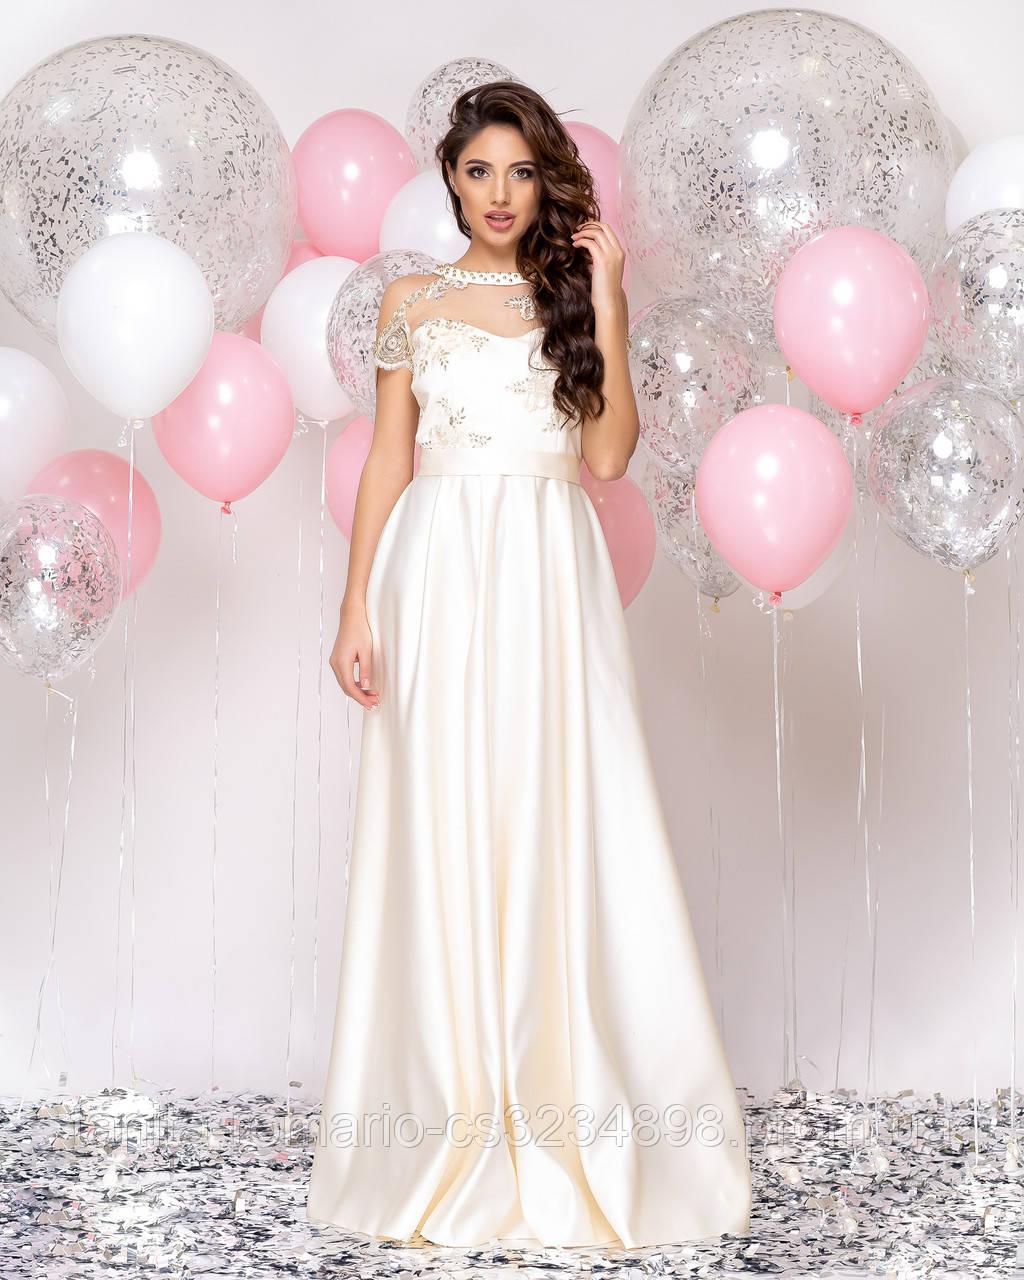 Випускна сукня молочного кольору, атласна з мереживом